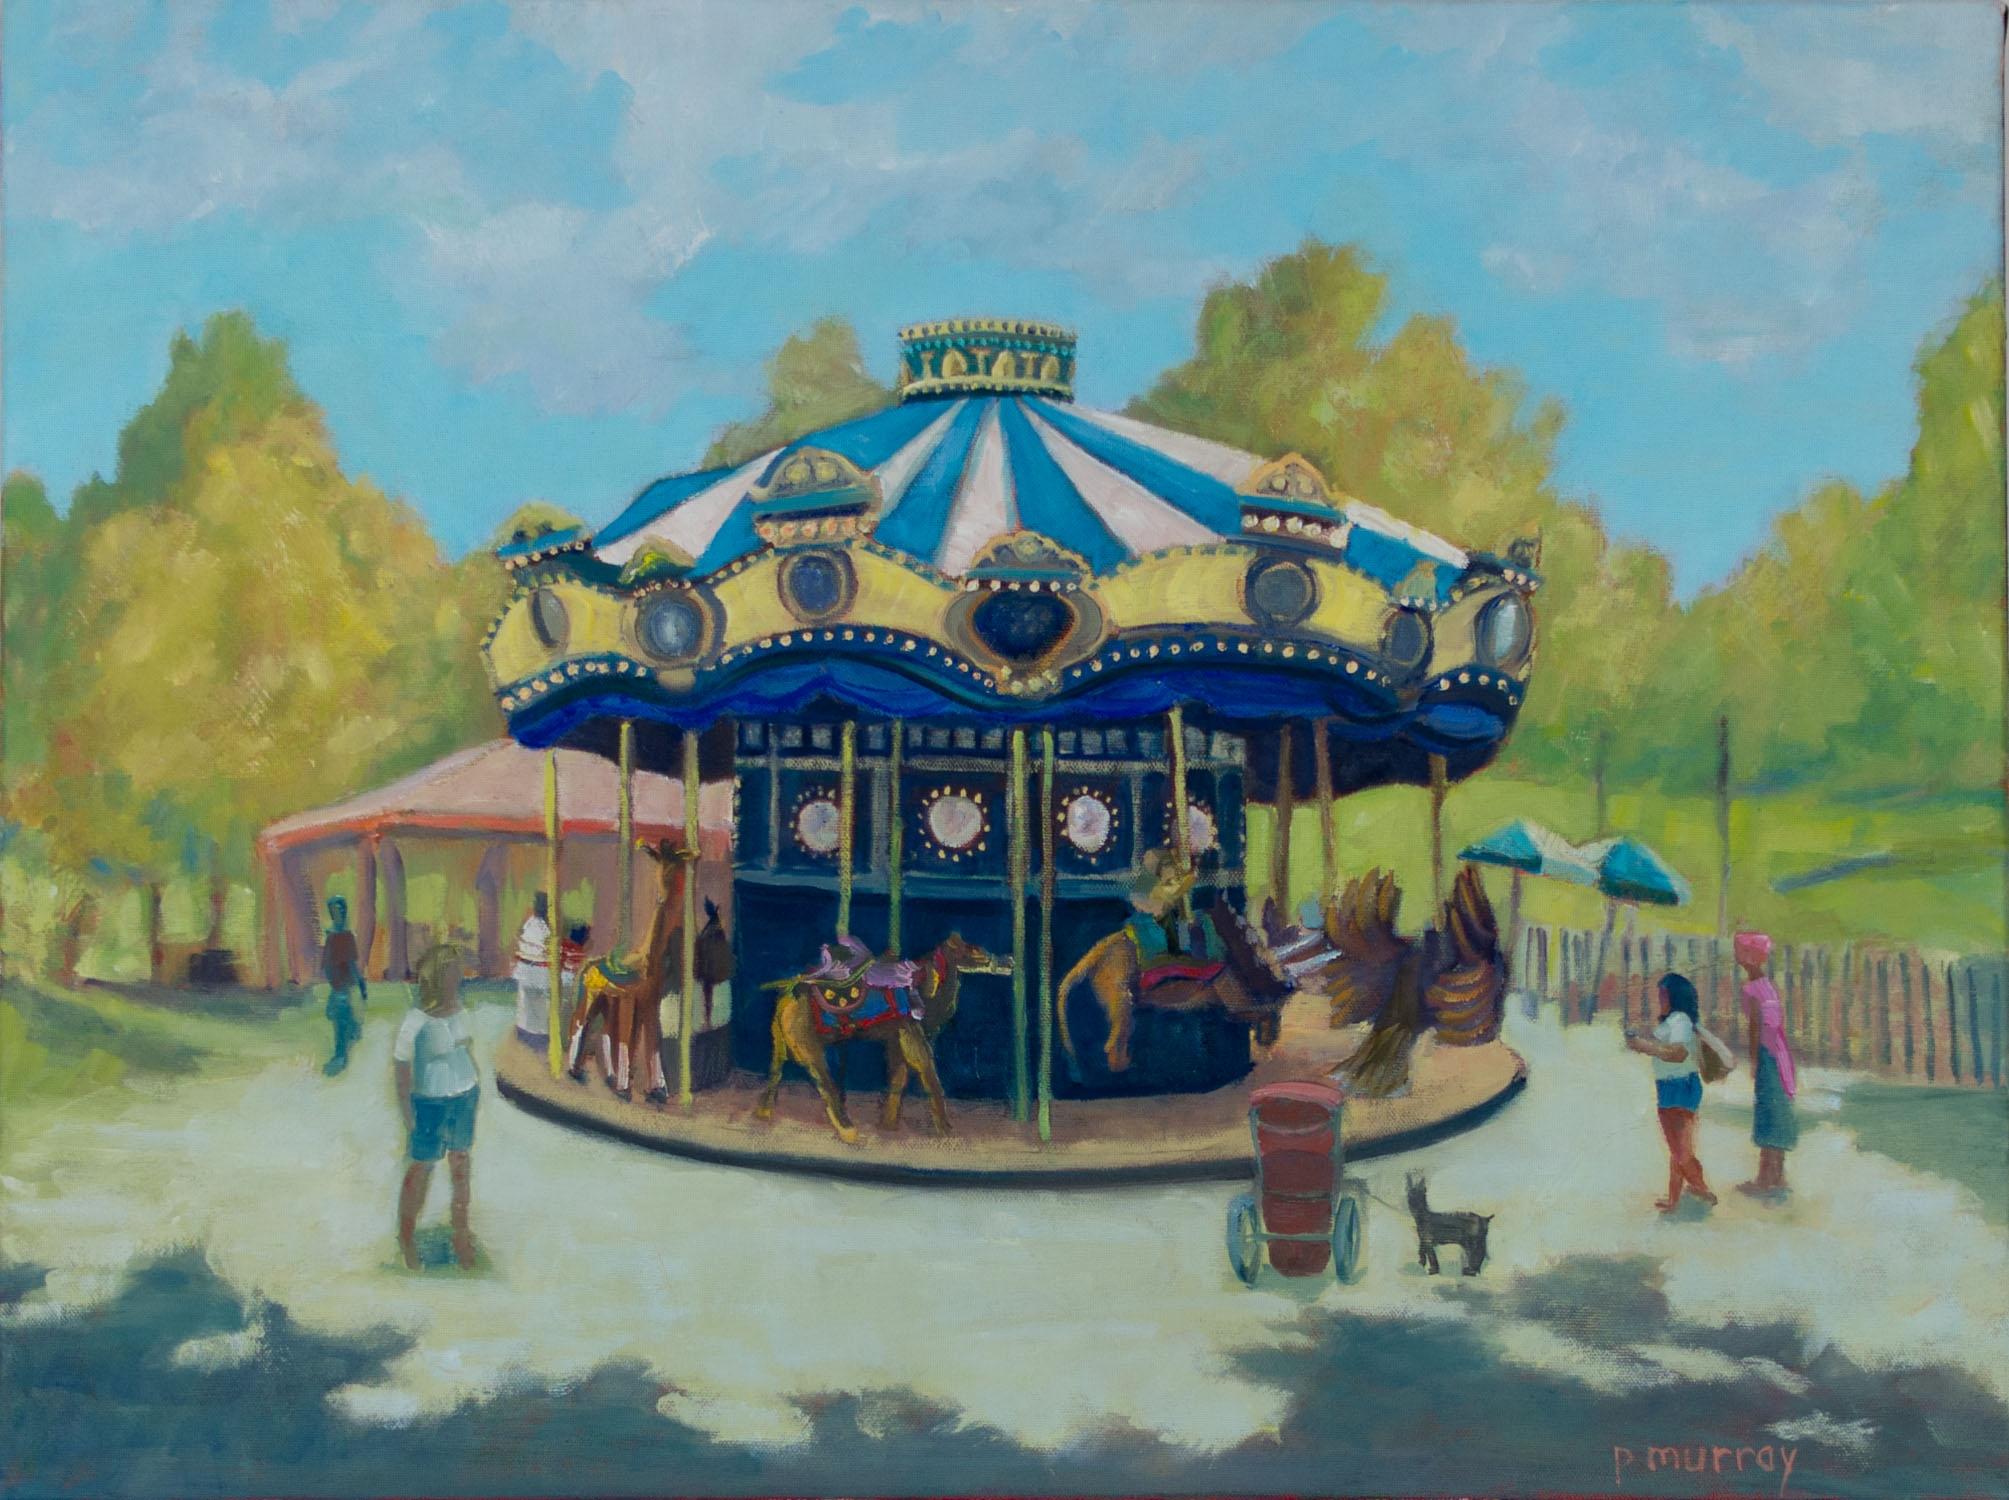 Carousel at Schenley Park